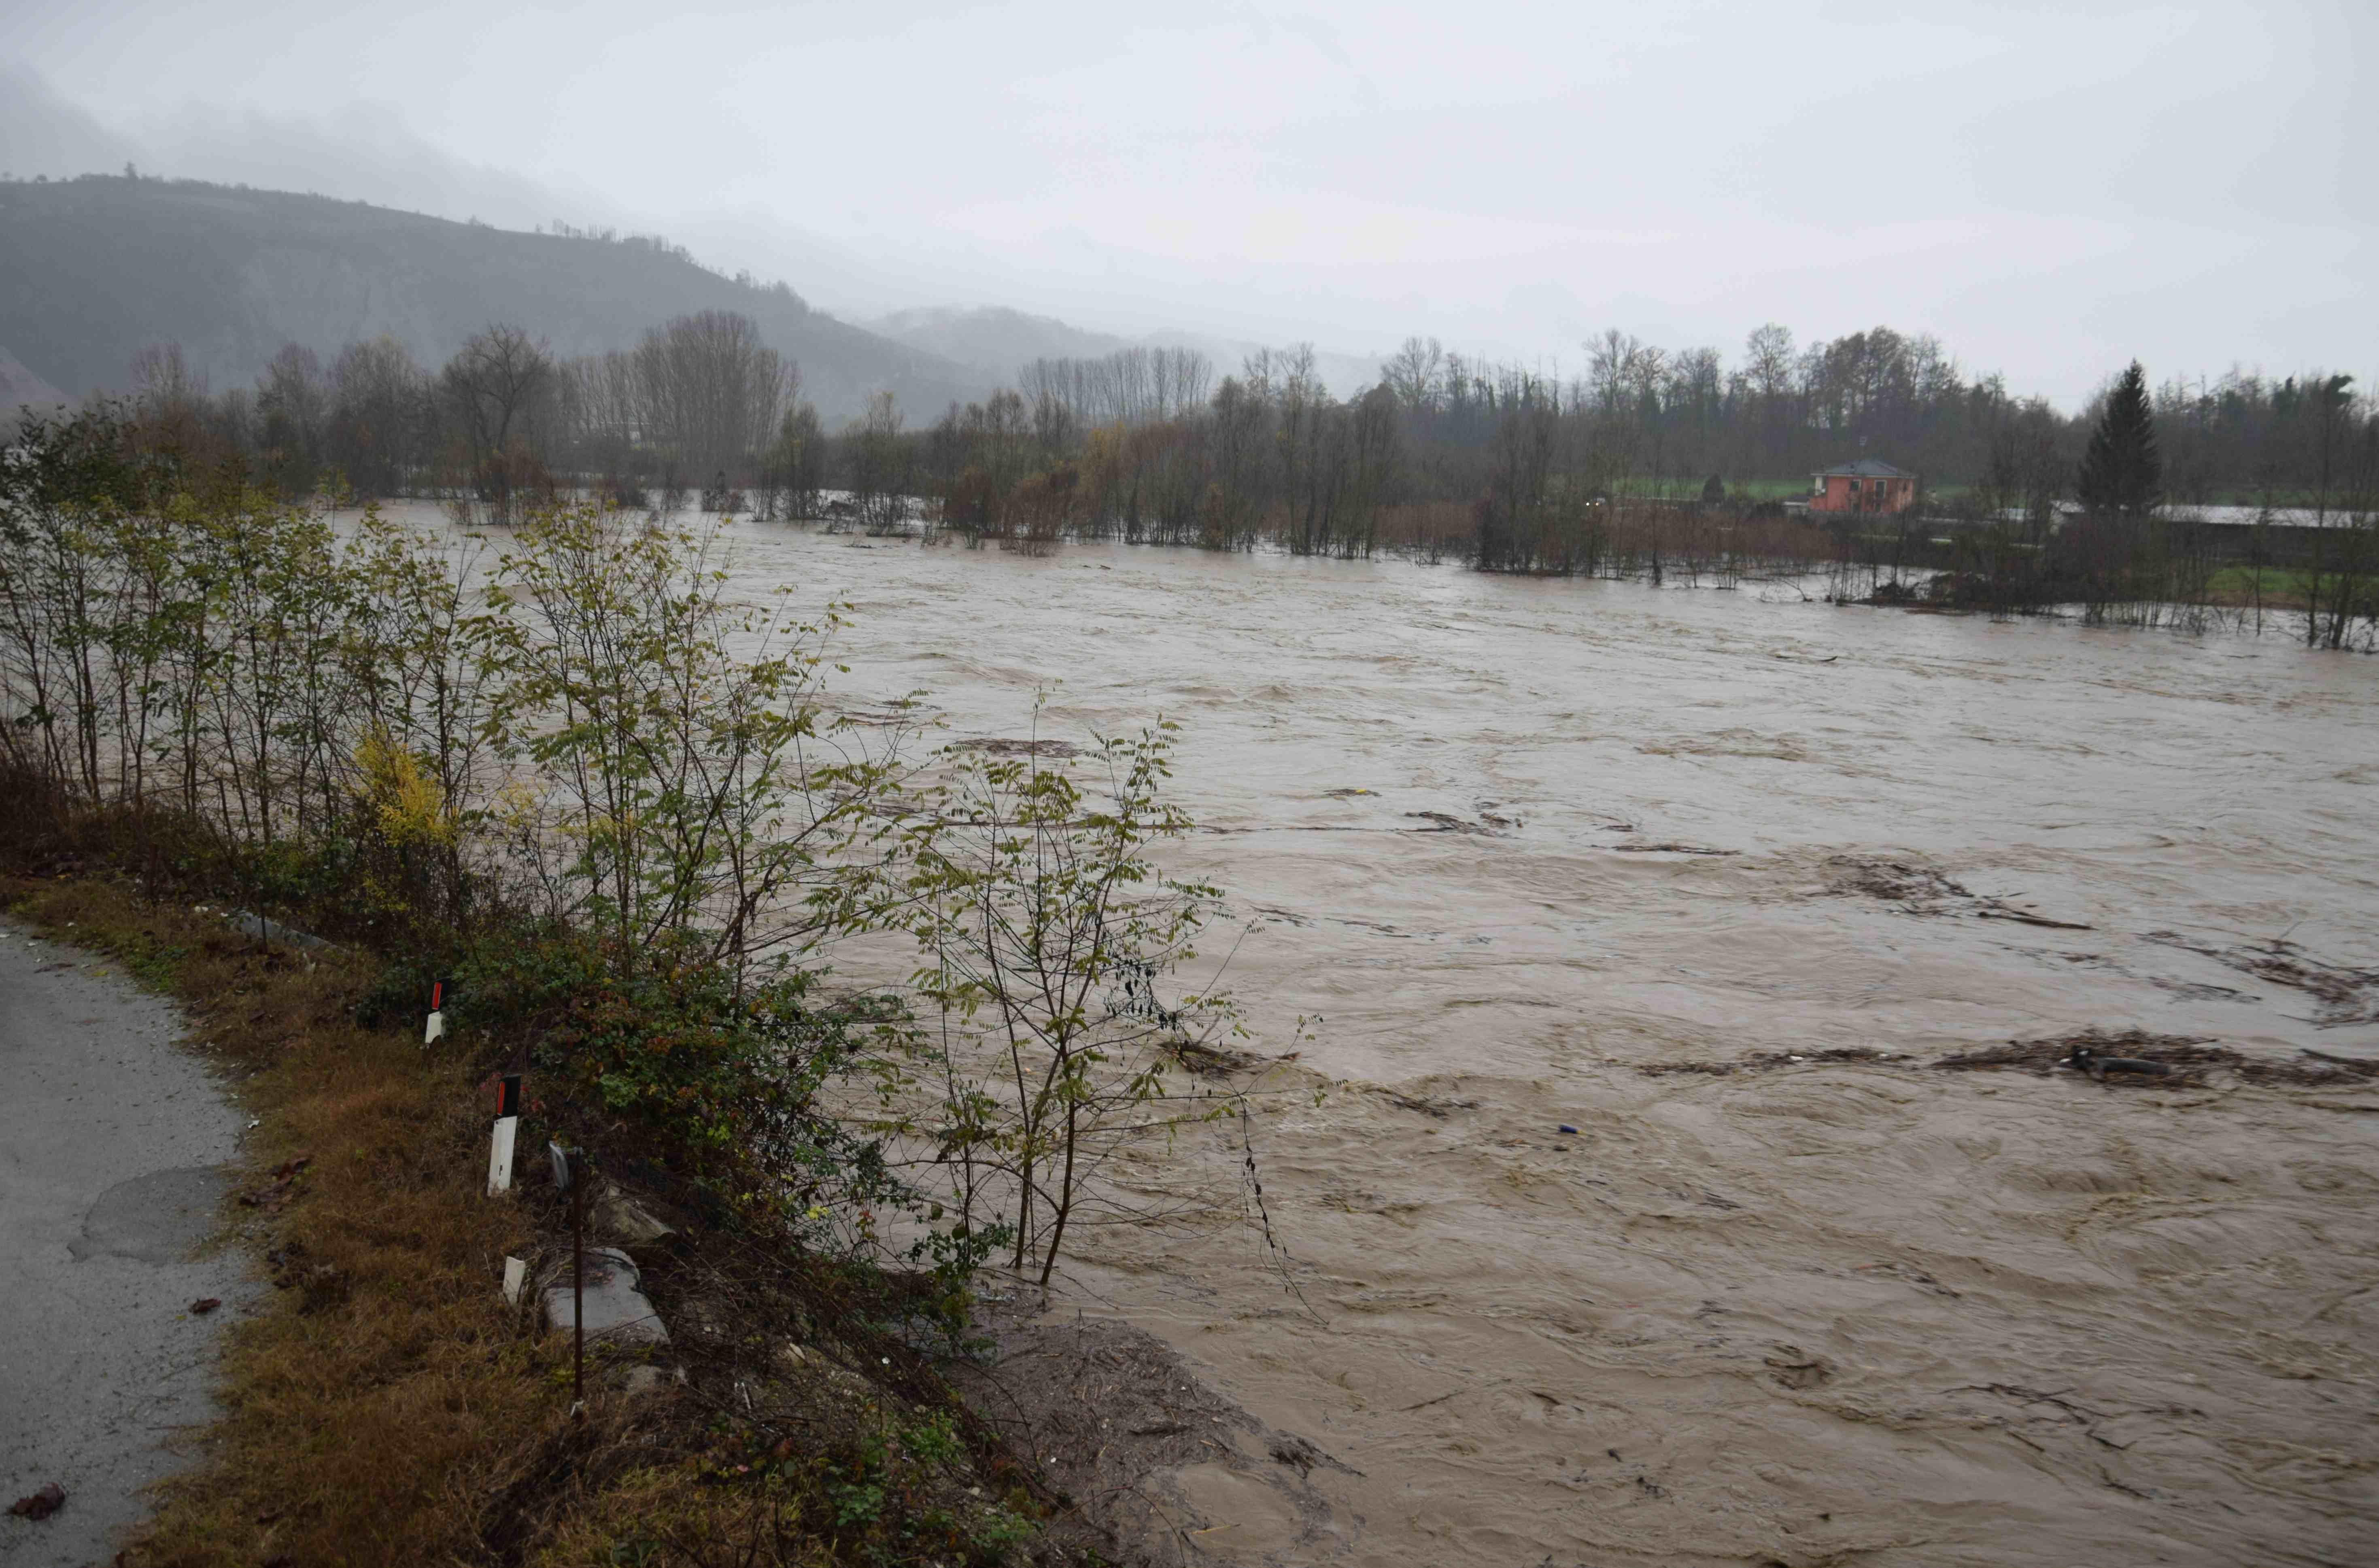 La Guida - Cessa l'allerta rossa in Piemonte, la Regione invita comunque alla prudenza